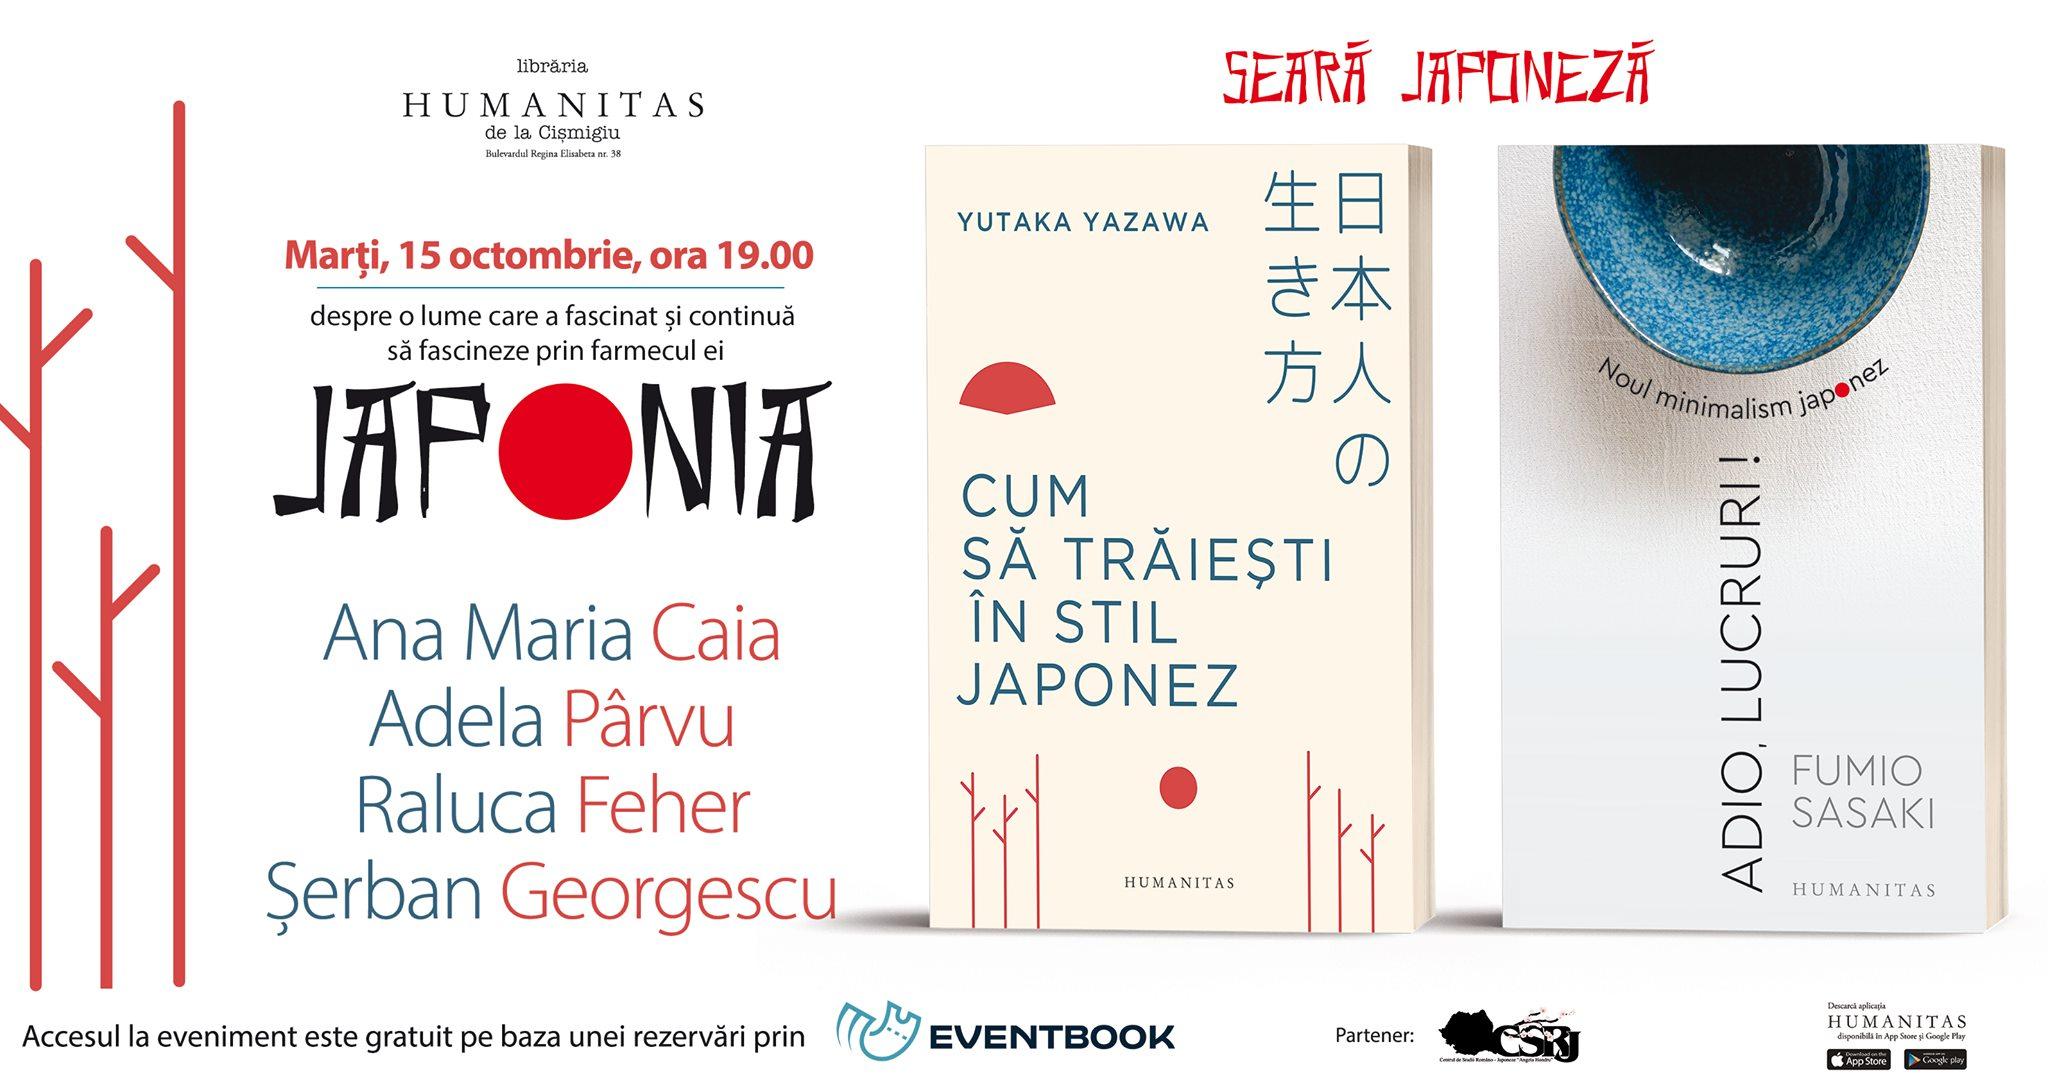 Seară japoneză: Cum să trăiești în stil japonez